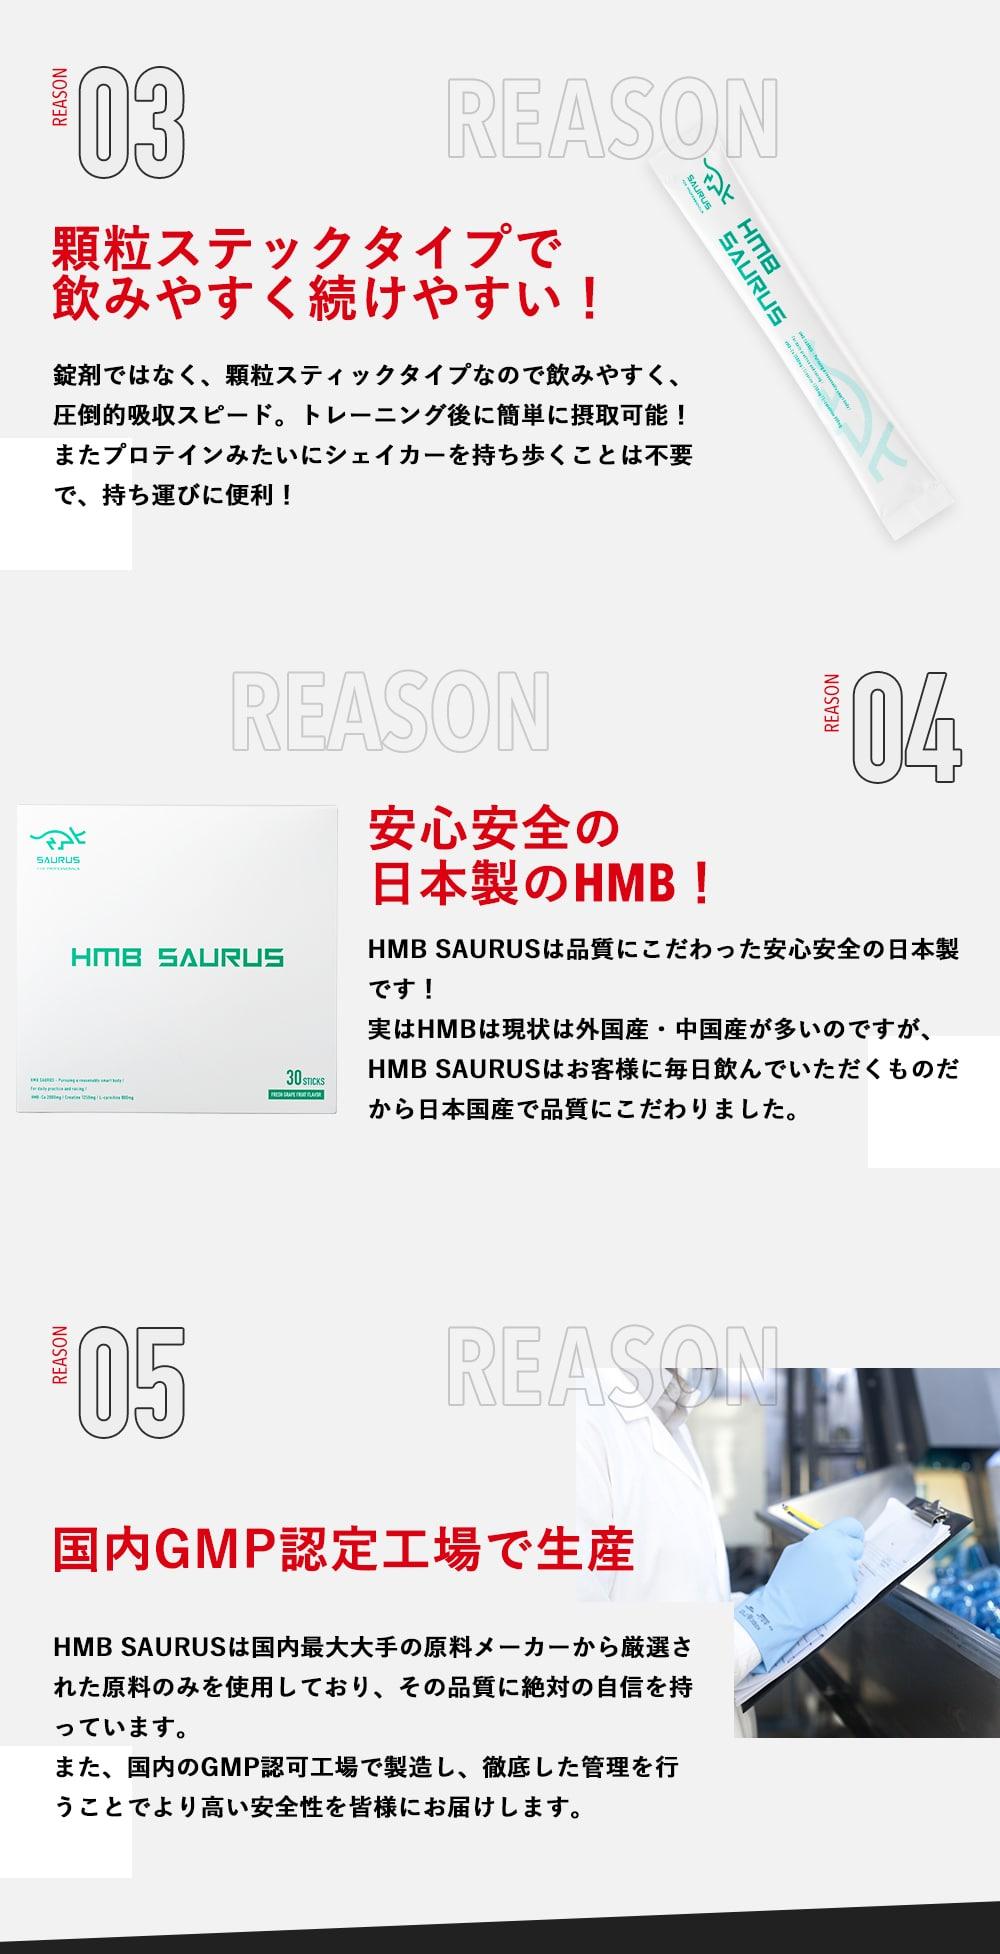 03:顆粒ステックタイプで飲みやすく続けやすい!錠剤ではなく、顆粒スティックタイプなので飲みやすく、圧倒的吸収スピード。トレーニング後に簡単に摂取可能!またプロテインみたいにシェイカーを持ち歩くことは不要で、持ち運びに便利!04:安心安全の日本製のHMB!HMB SAURUSは品質にこだわった安心安全の日本製です!実はHMBは現状は外国産・中国産が多いのですが、HMB SAURUSはお客様に毎日飲んでいただくものだから日本国産で品質にこだわりました。05:国内GMP認定工場で生産 HMB SAURUSは国内最大大手の原料メーカーから厳選された原料のみを使用しており、その品質に絶対の自信を持っています。また、国内のGMP認可工場で製造し、徹底した管理を行うことでより高い安全性を皆様にお届けします。